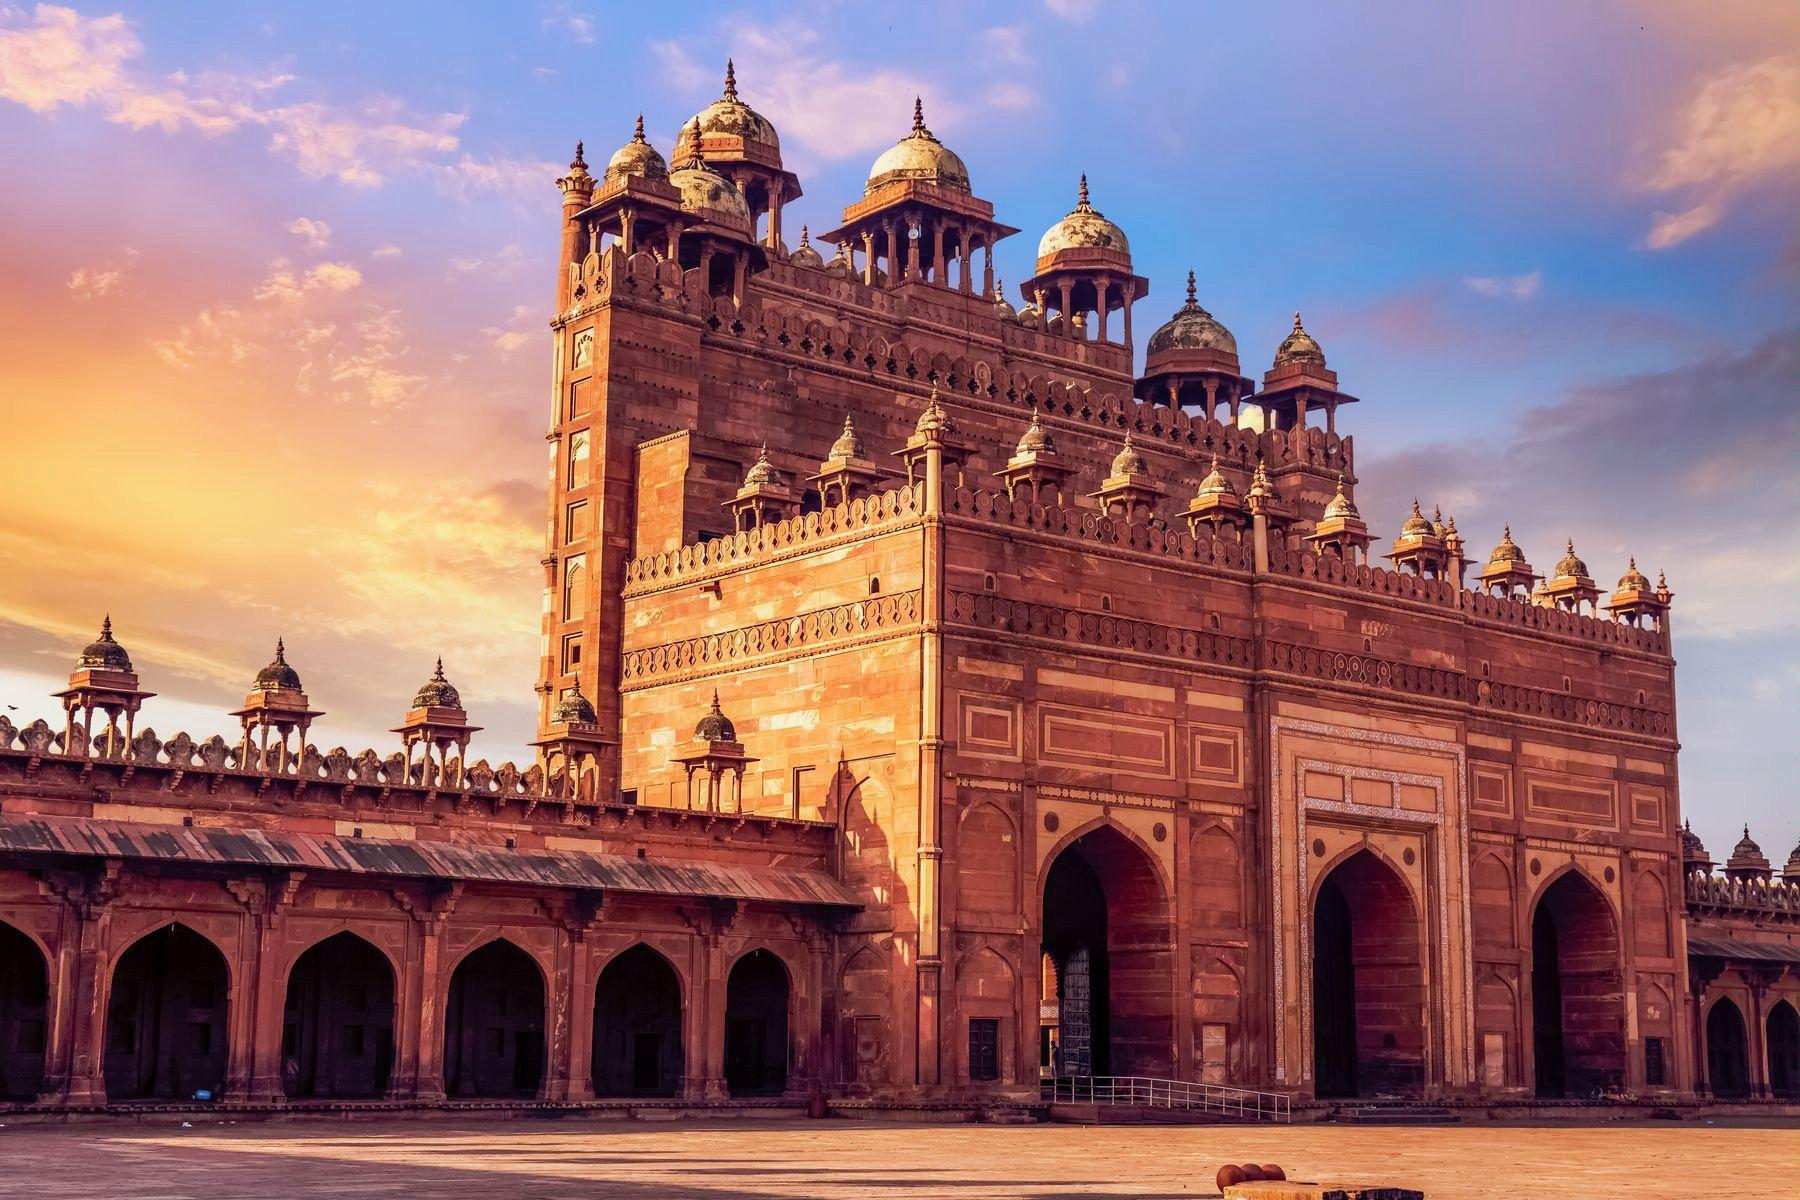 Chùm ảnh: Những cánh cổng lịch sử nổi tiếng trên khắp thế giới